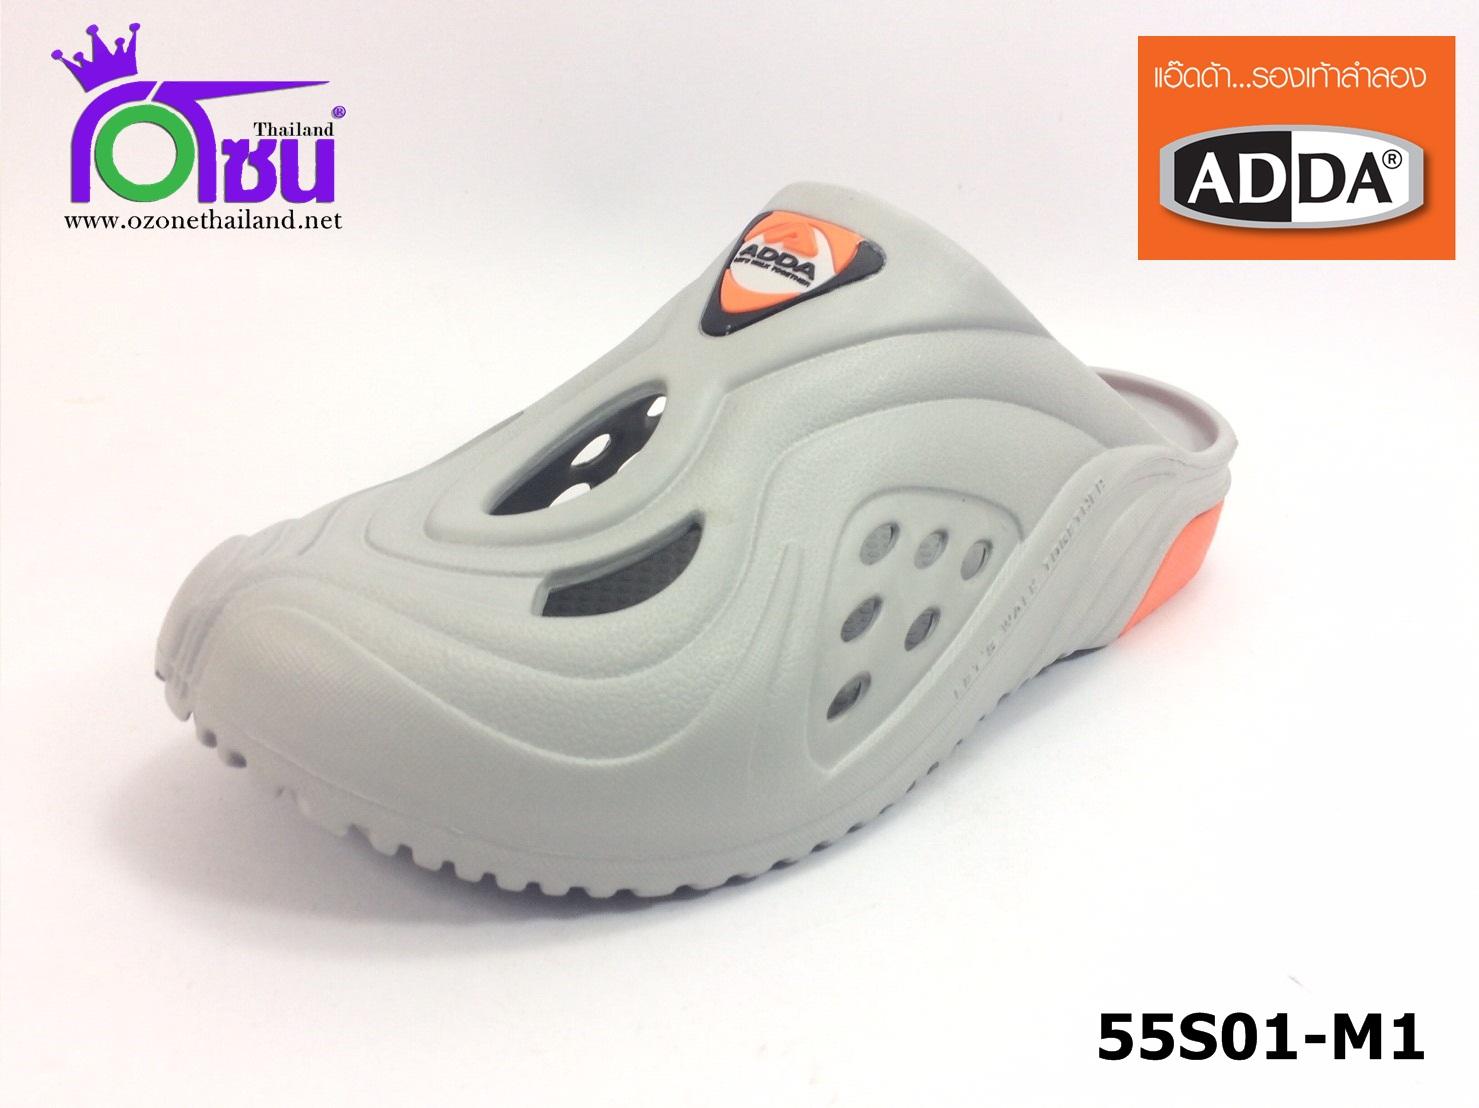 รองเท้า adda friends แอ็ดด๊าเฟรนด์เปิดส้น รุ่น 55S01-M1 สีเทา เบอร์ 7-10